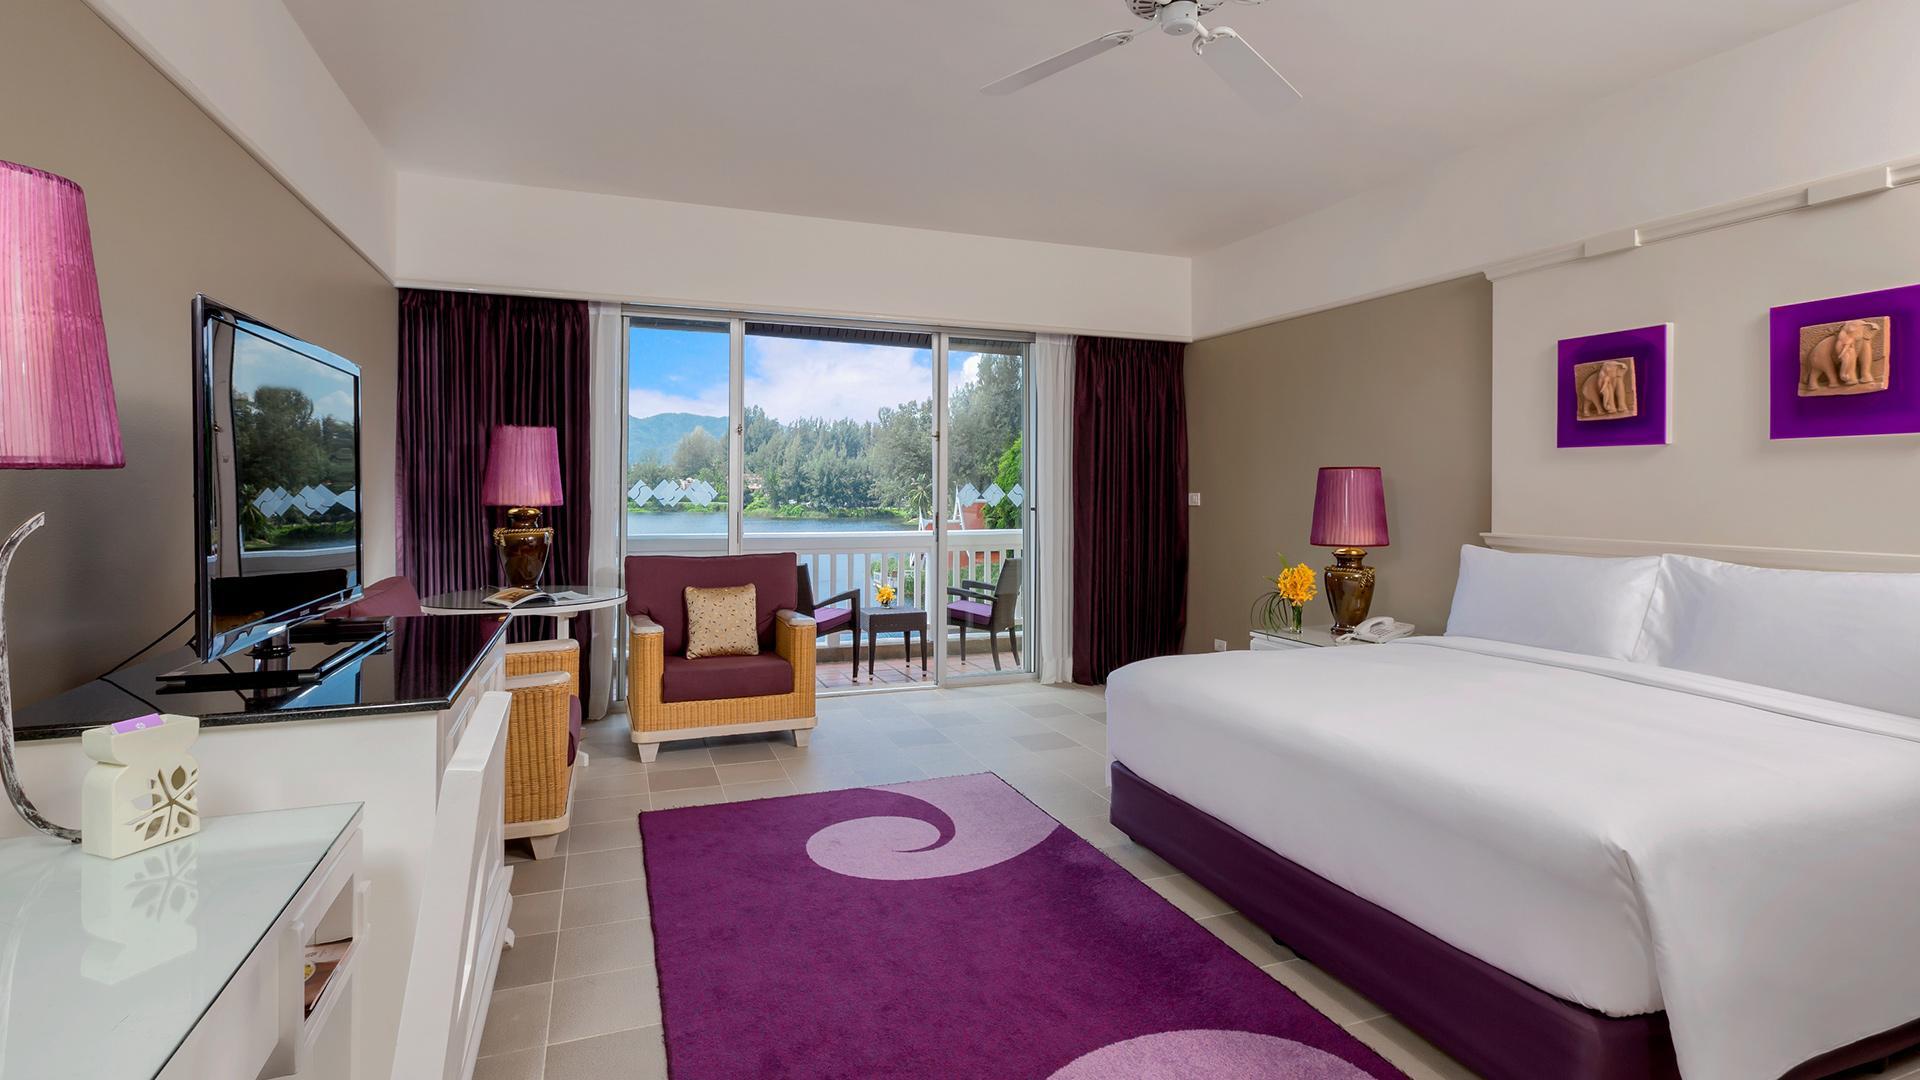 Laguna Room image 1 at Angsana Laguna Phuket by Amphoe Thalang, Chang Wat Phuket, Thailand